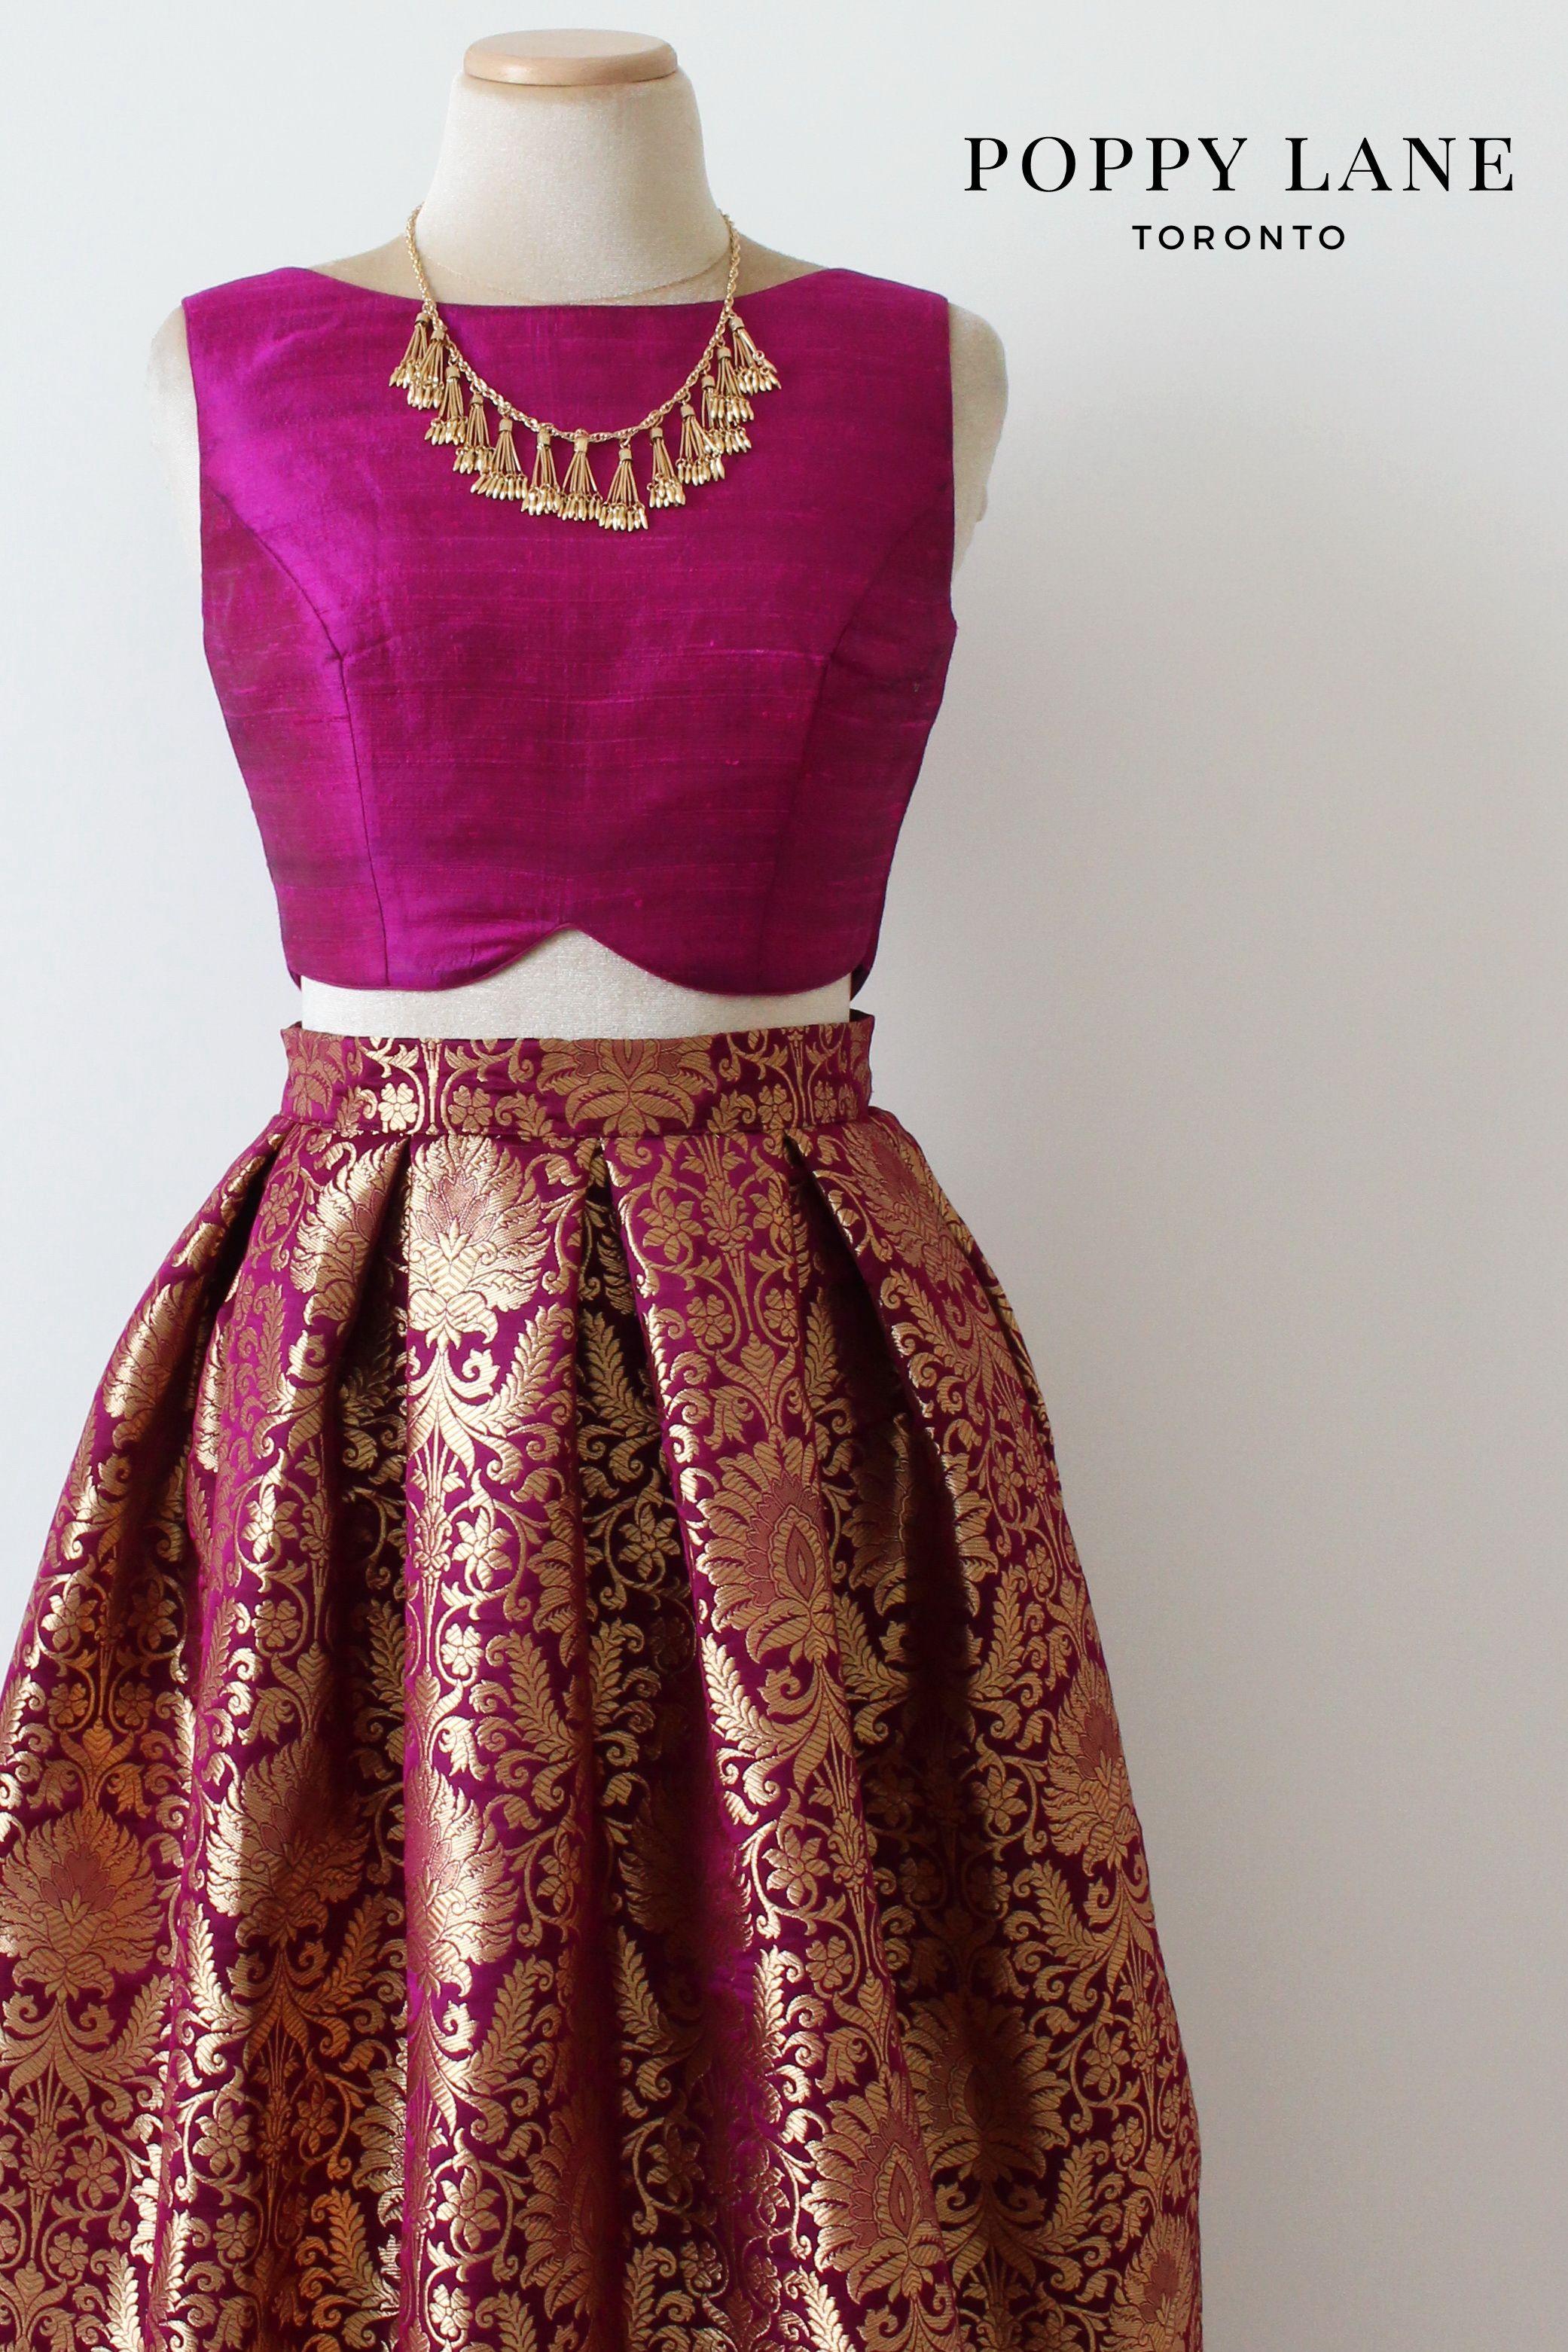 d407254de69729 Brocade skirt ..Looking for similar kind of brocade click on below links.  https